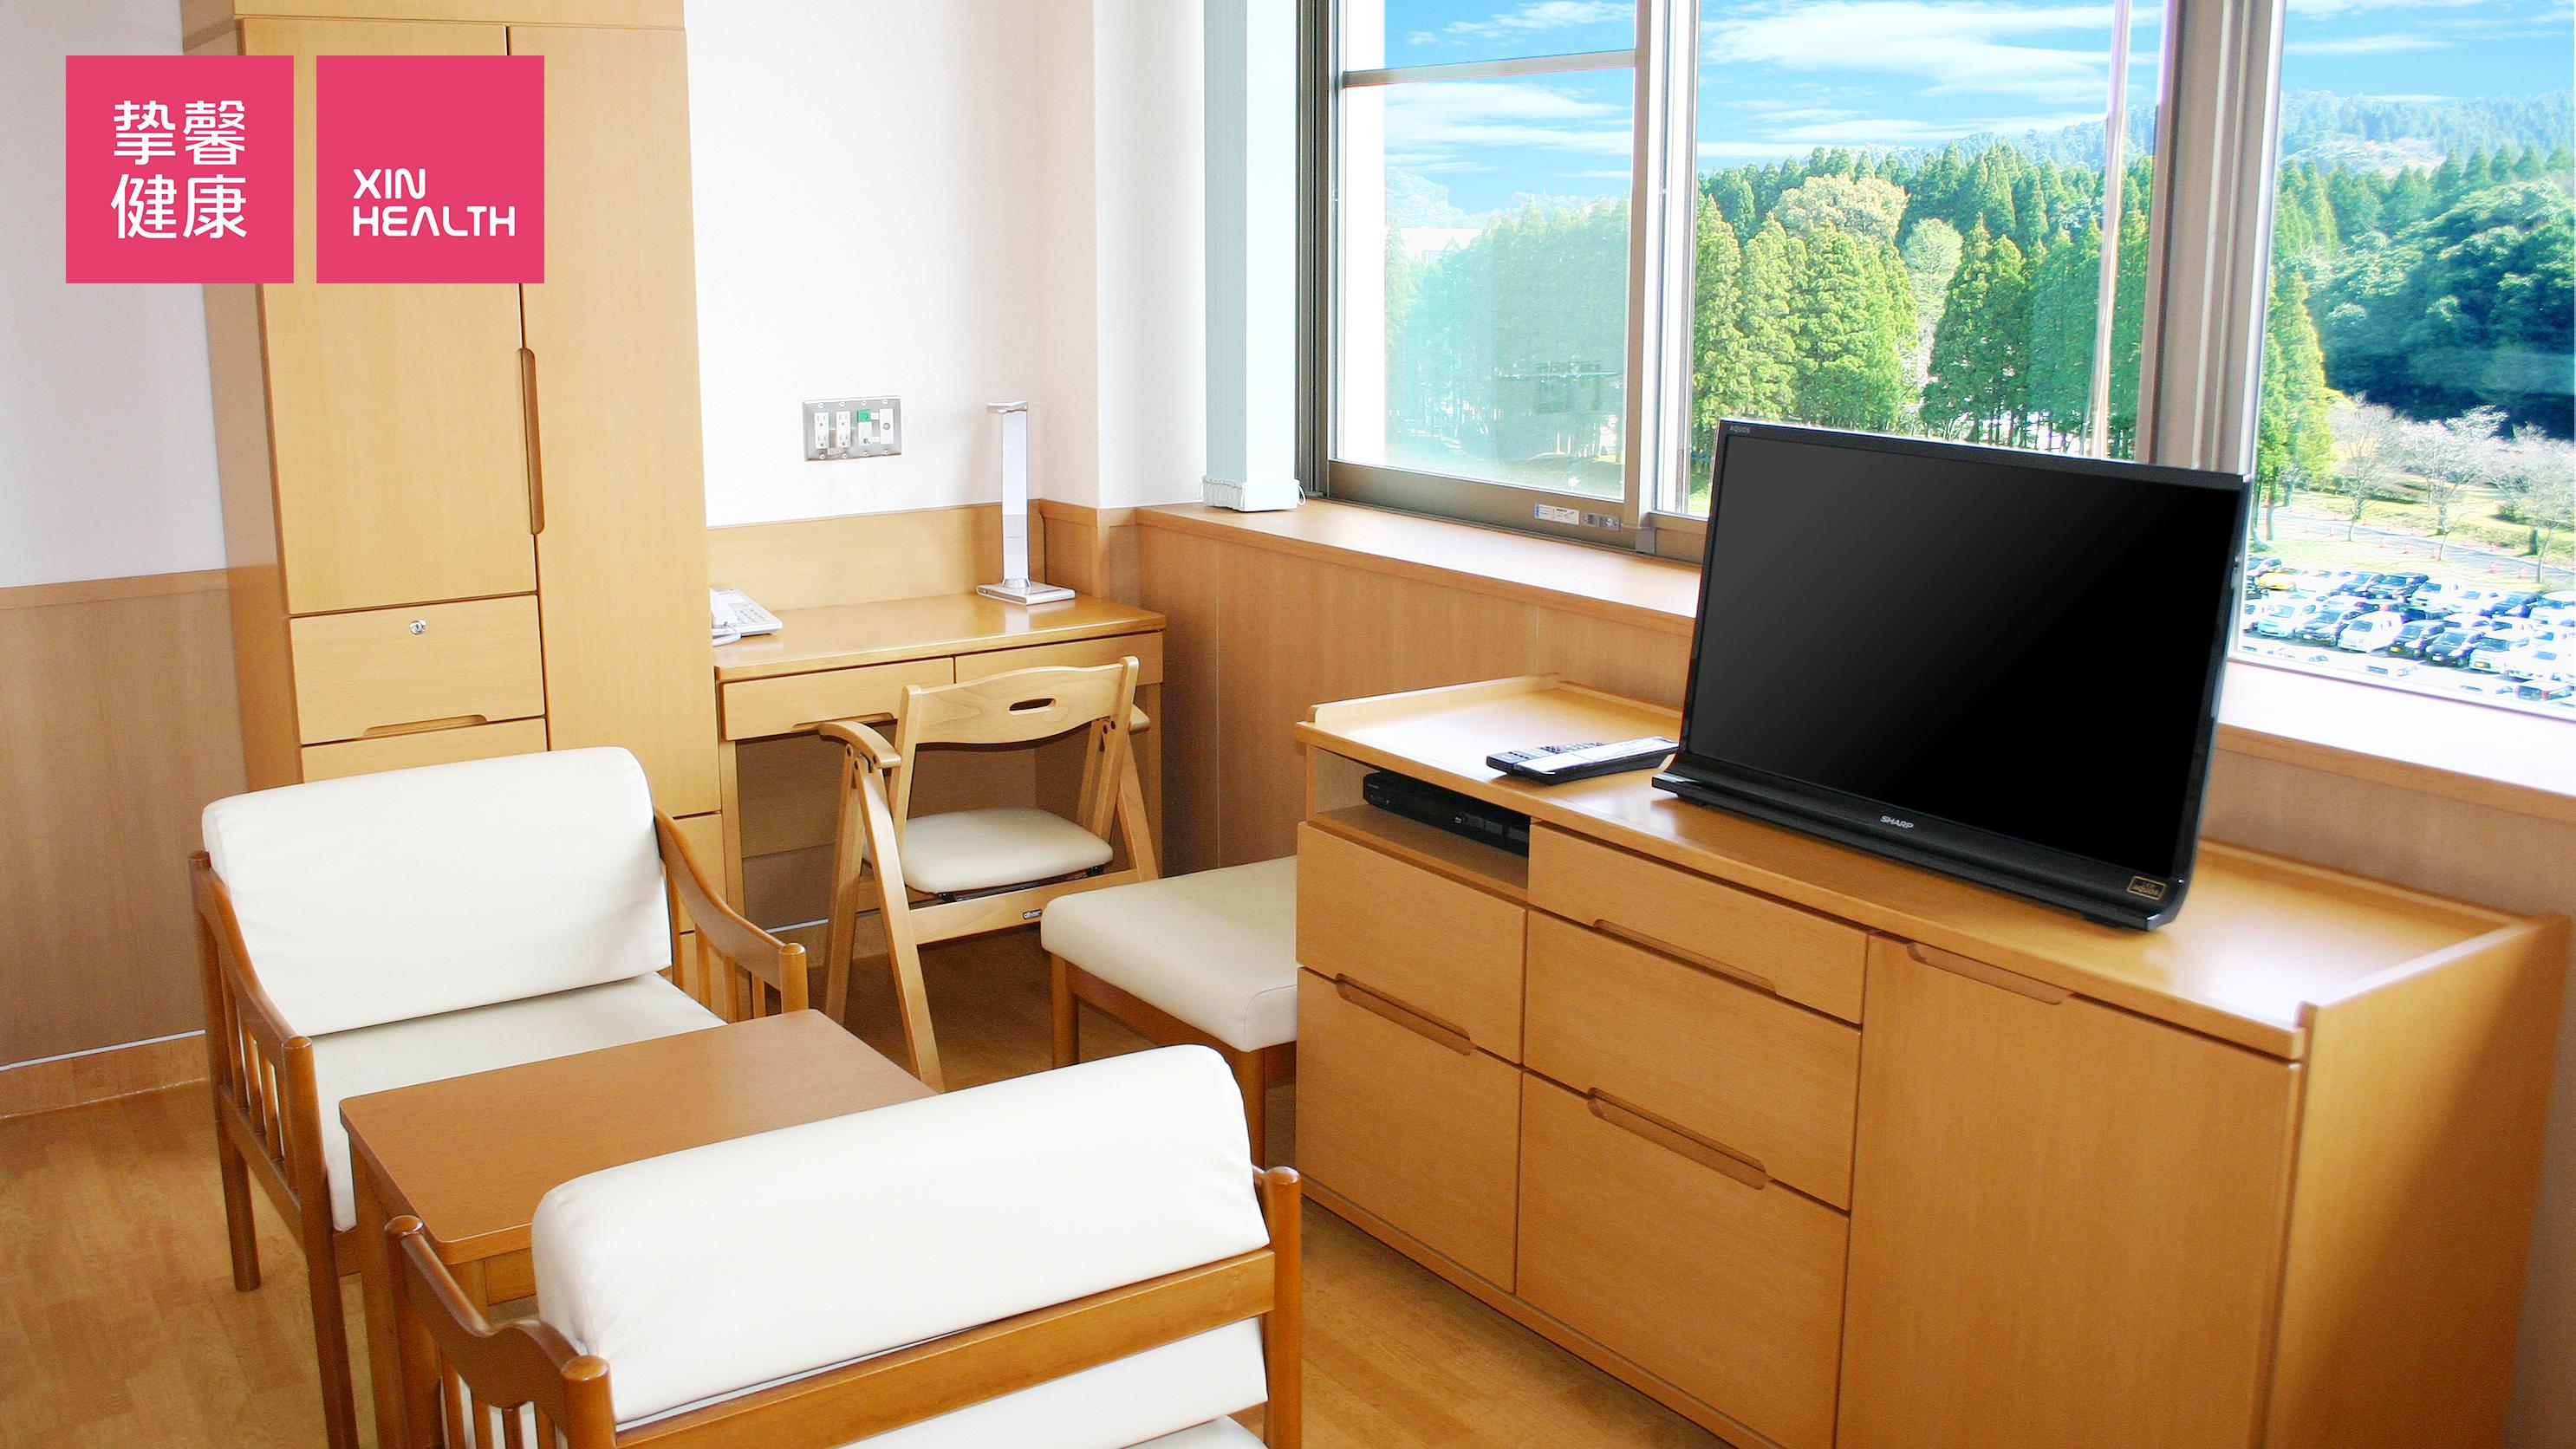 宫崎大学医学部附属病院 病房环境